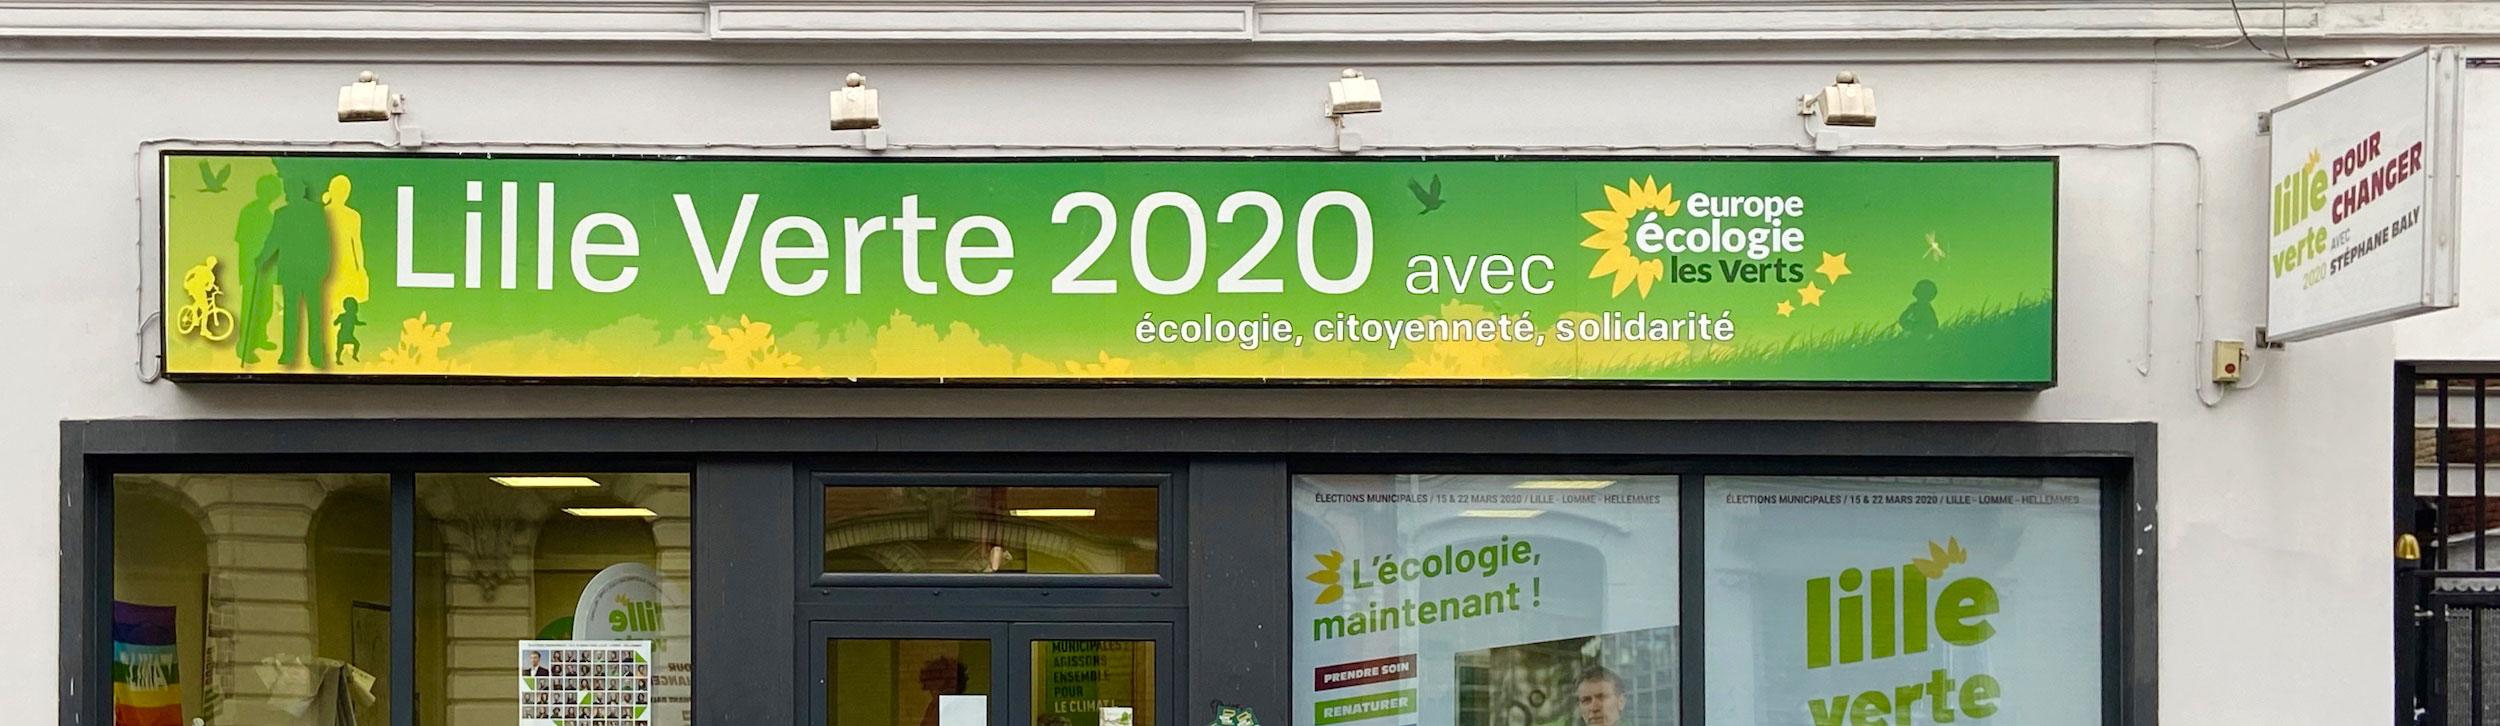 La permanence de campagne des Verts, à Lille